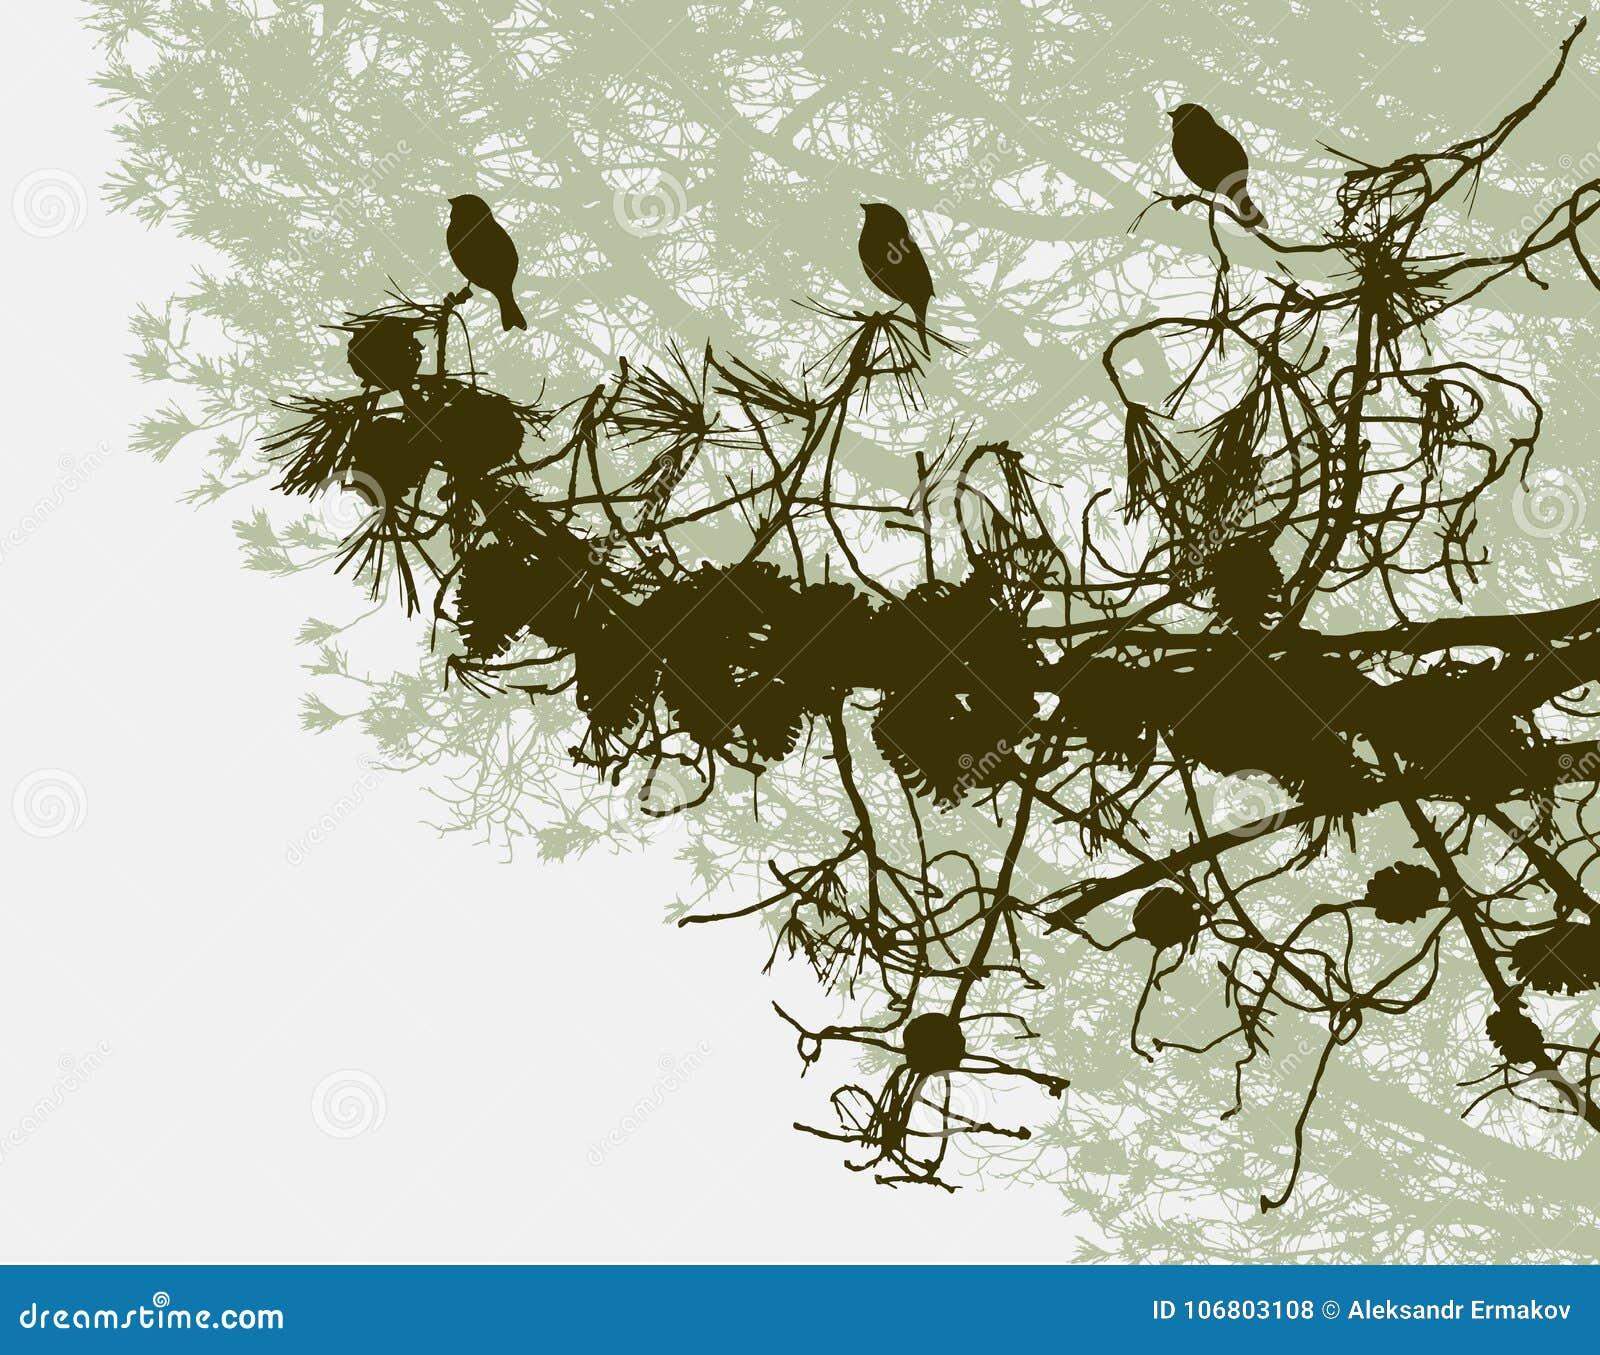 Download Vögel Auf Einer Niederlassung Der Kiefers Vektor Abbildung - Illustration von kiefer, vögel: 106803108